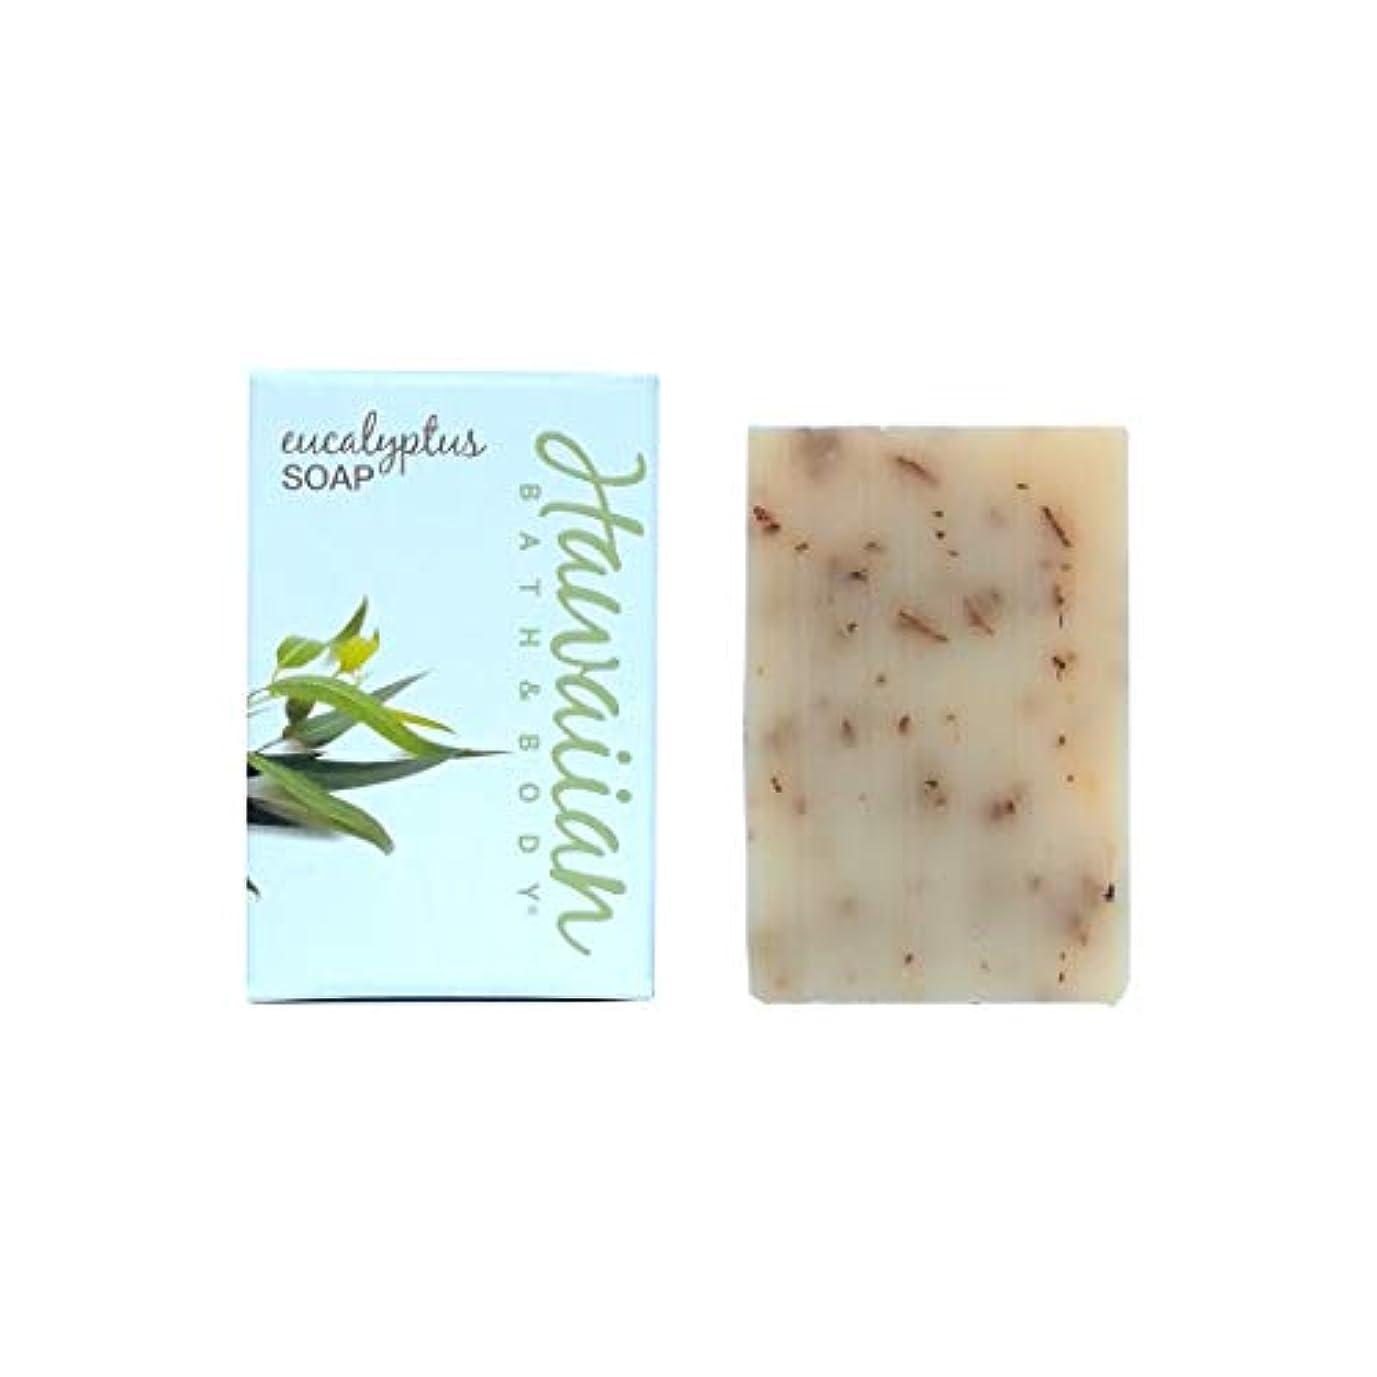 目立つ支出無しハワイアンバス&ボディ ユーカリソープ (Eucalyptus Soap)